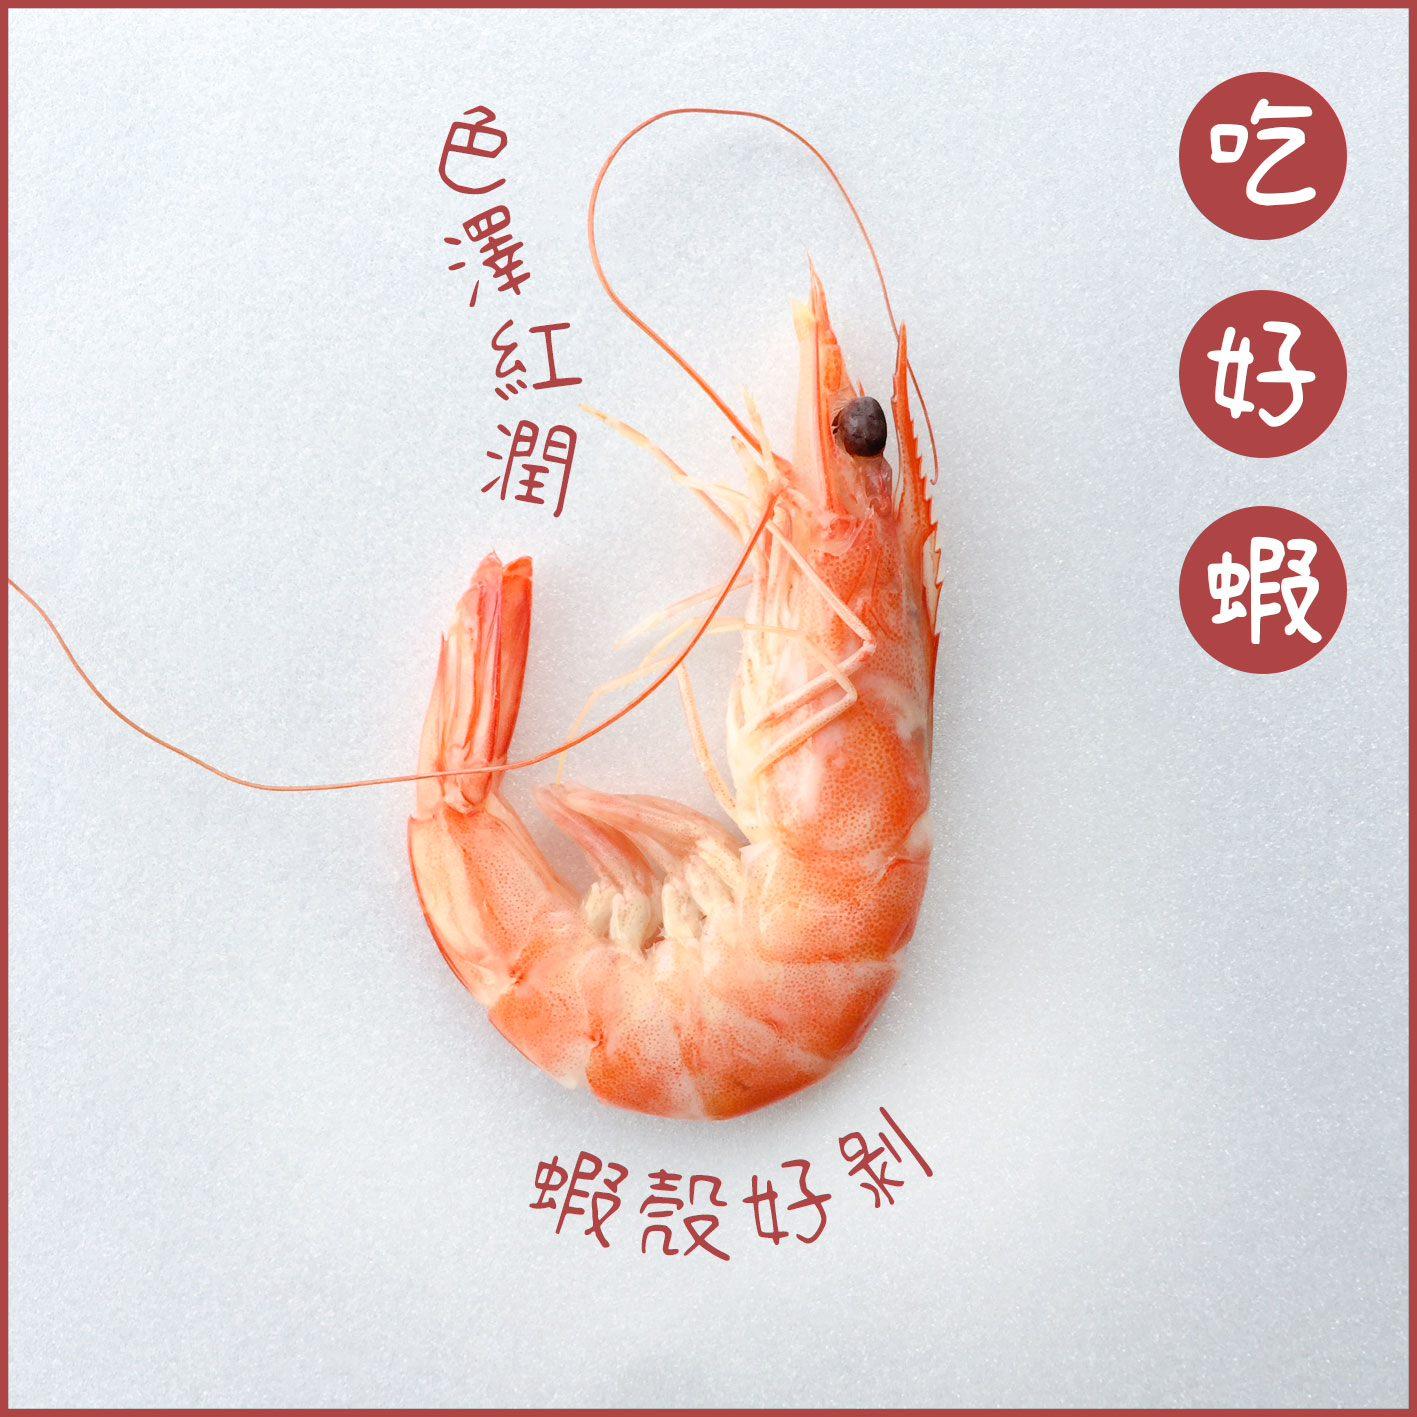 煮好後的白蝦